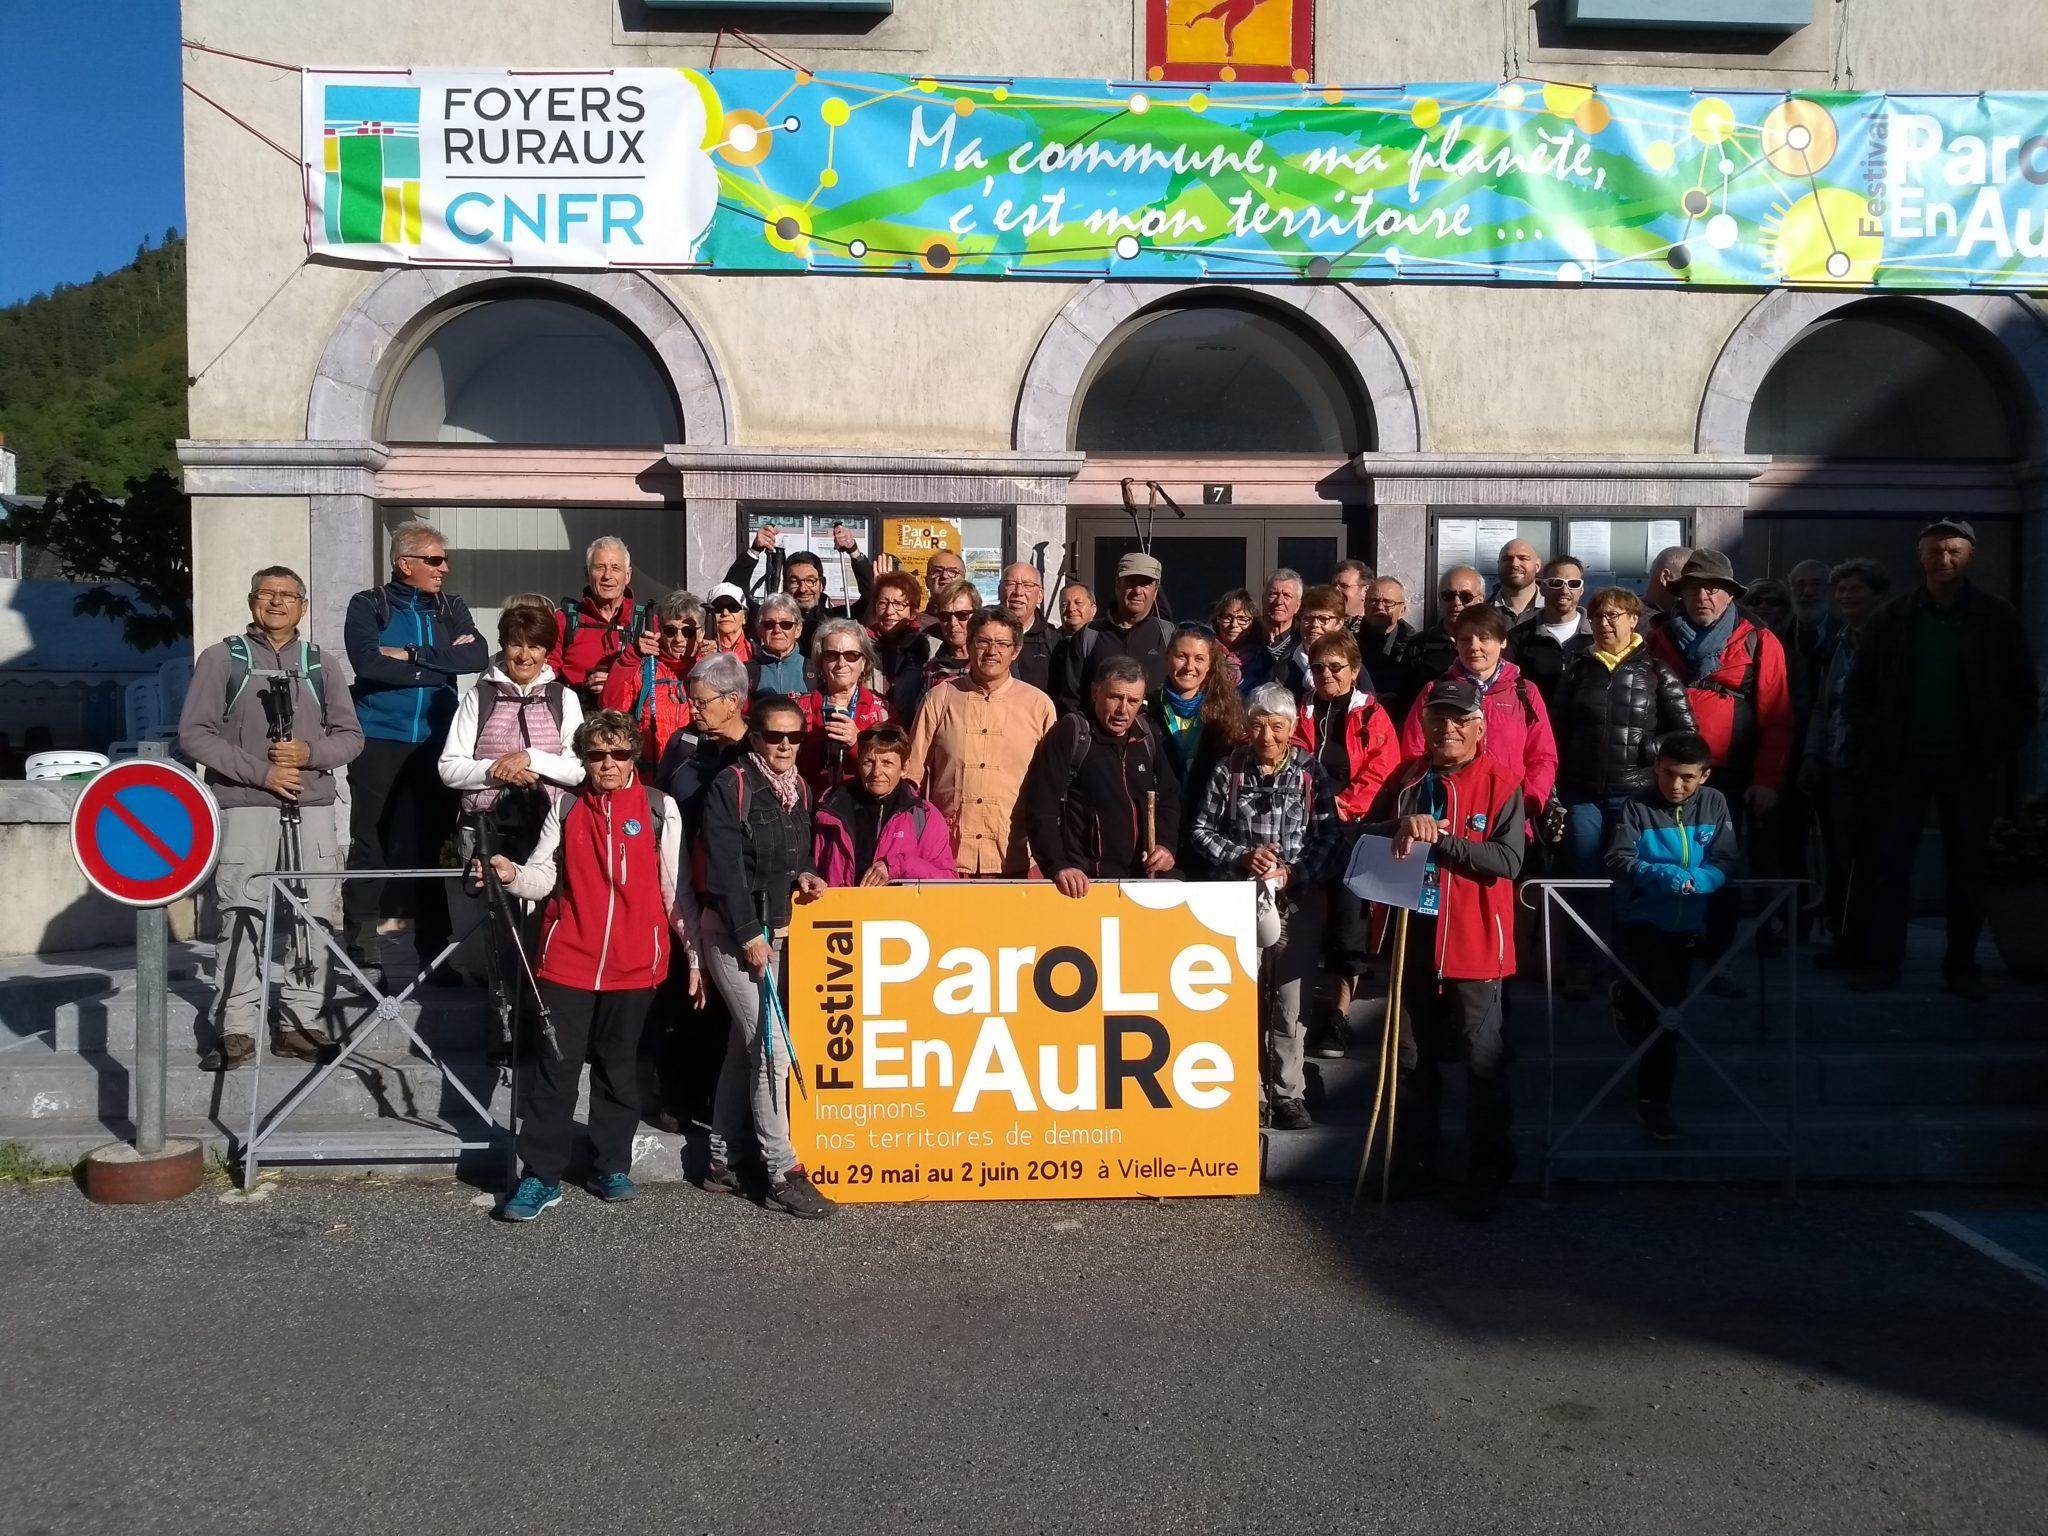 Parole en Aure : un festival pour un nouveau cycle